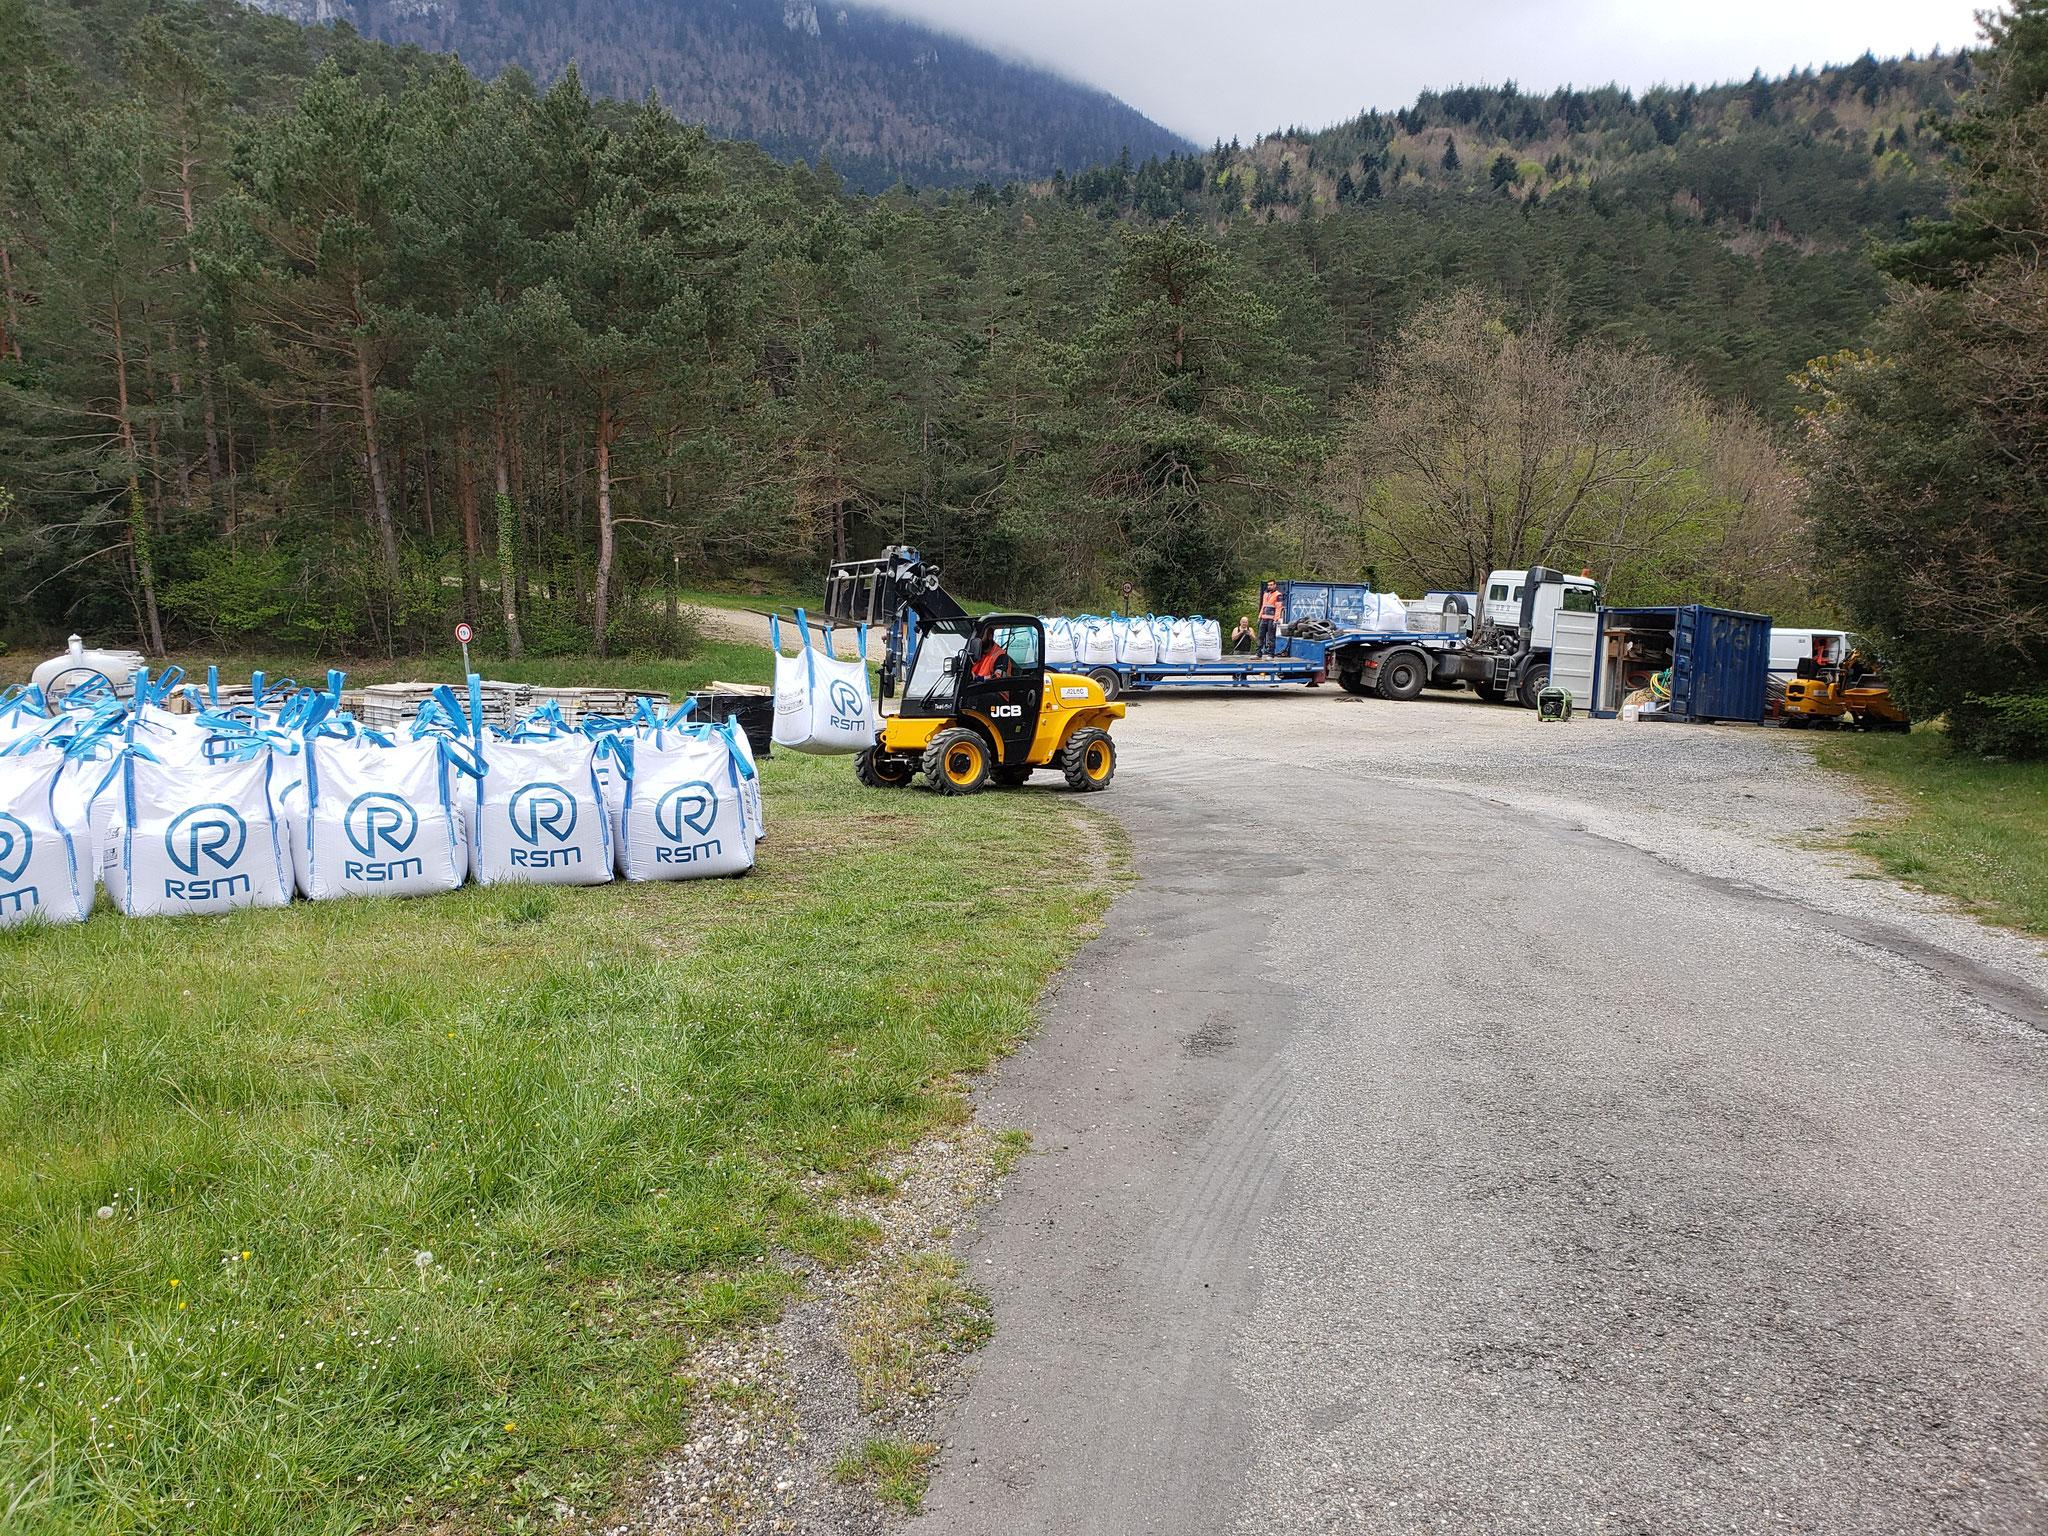 Mercredi 21 avril - préparation du matériel en vu de l'héliportage